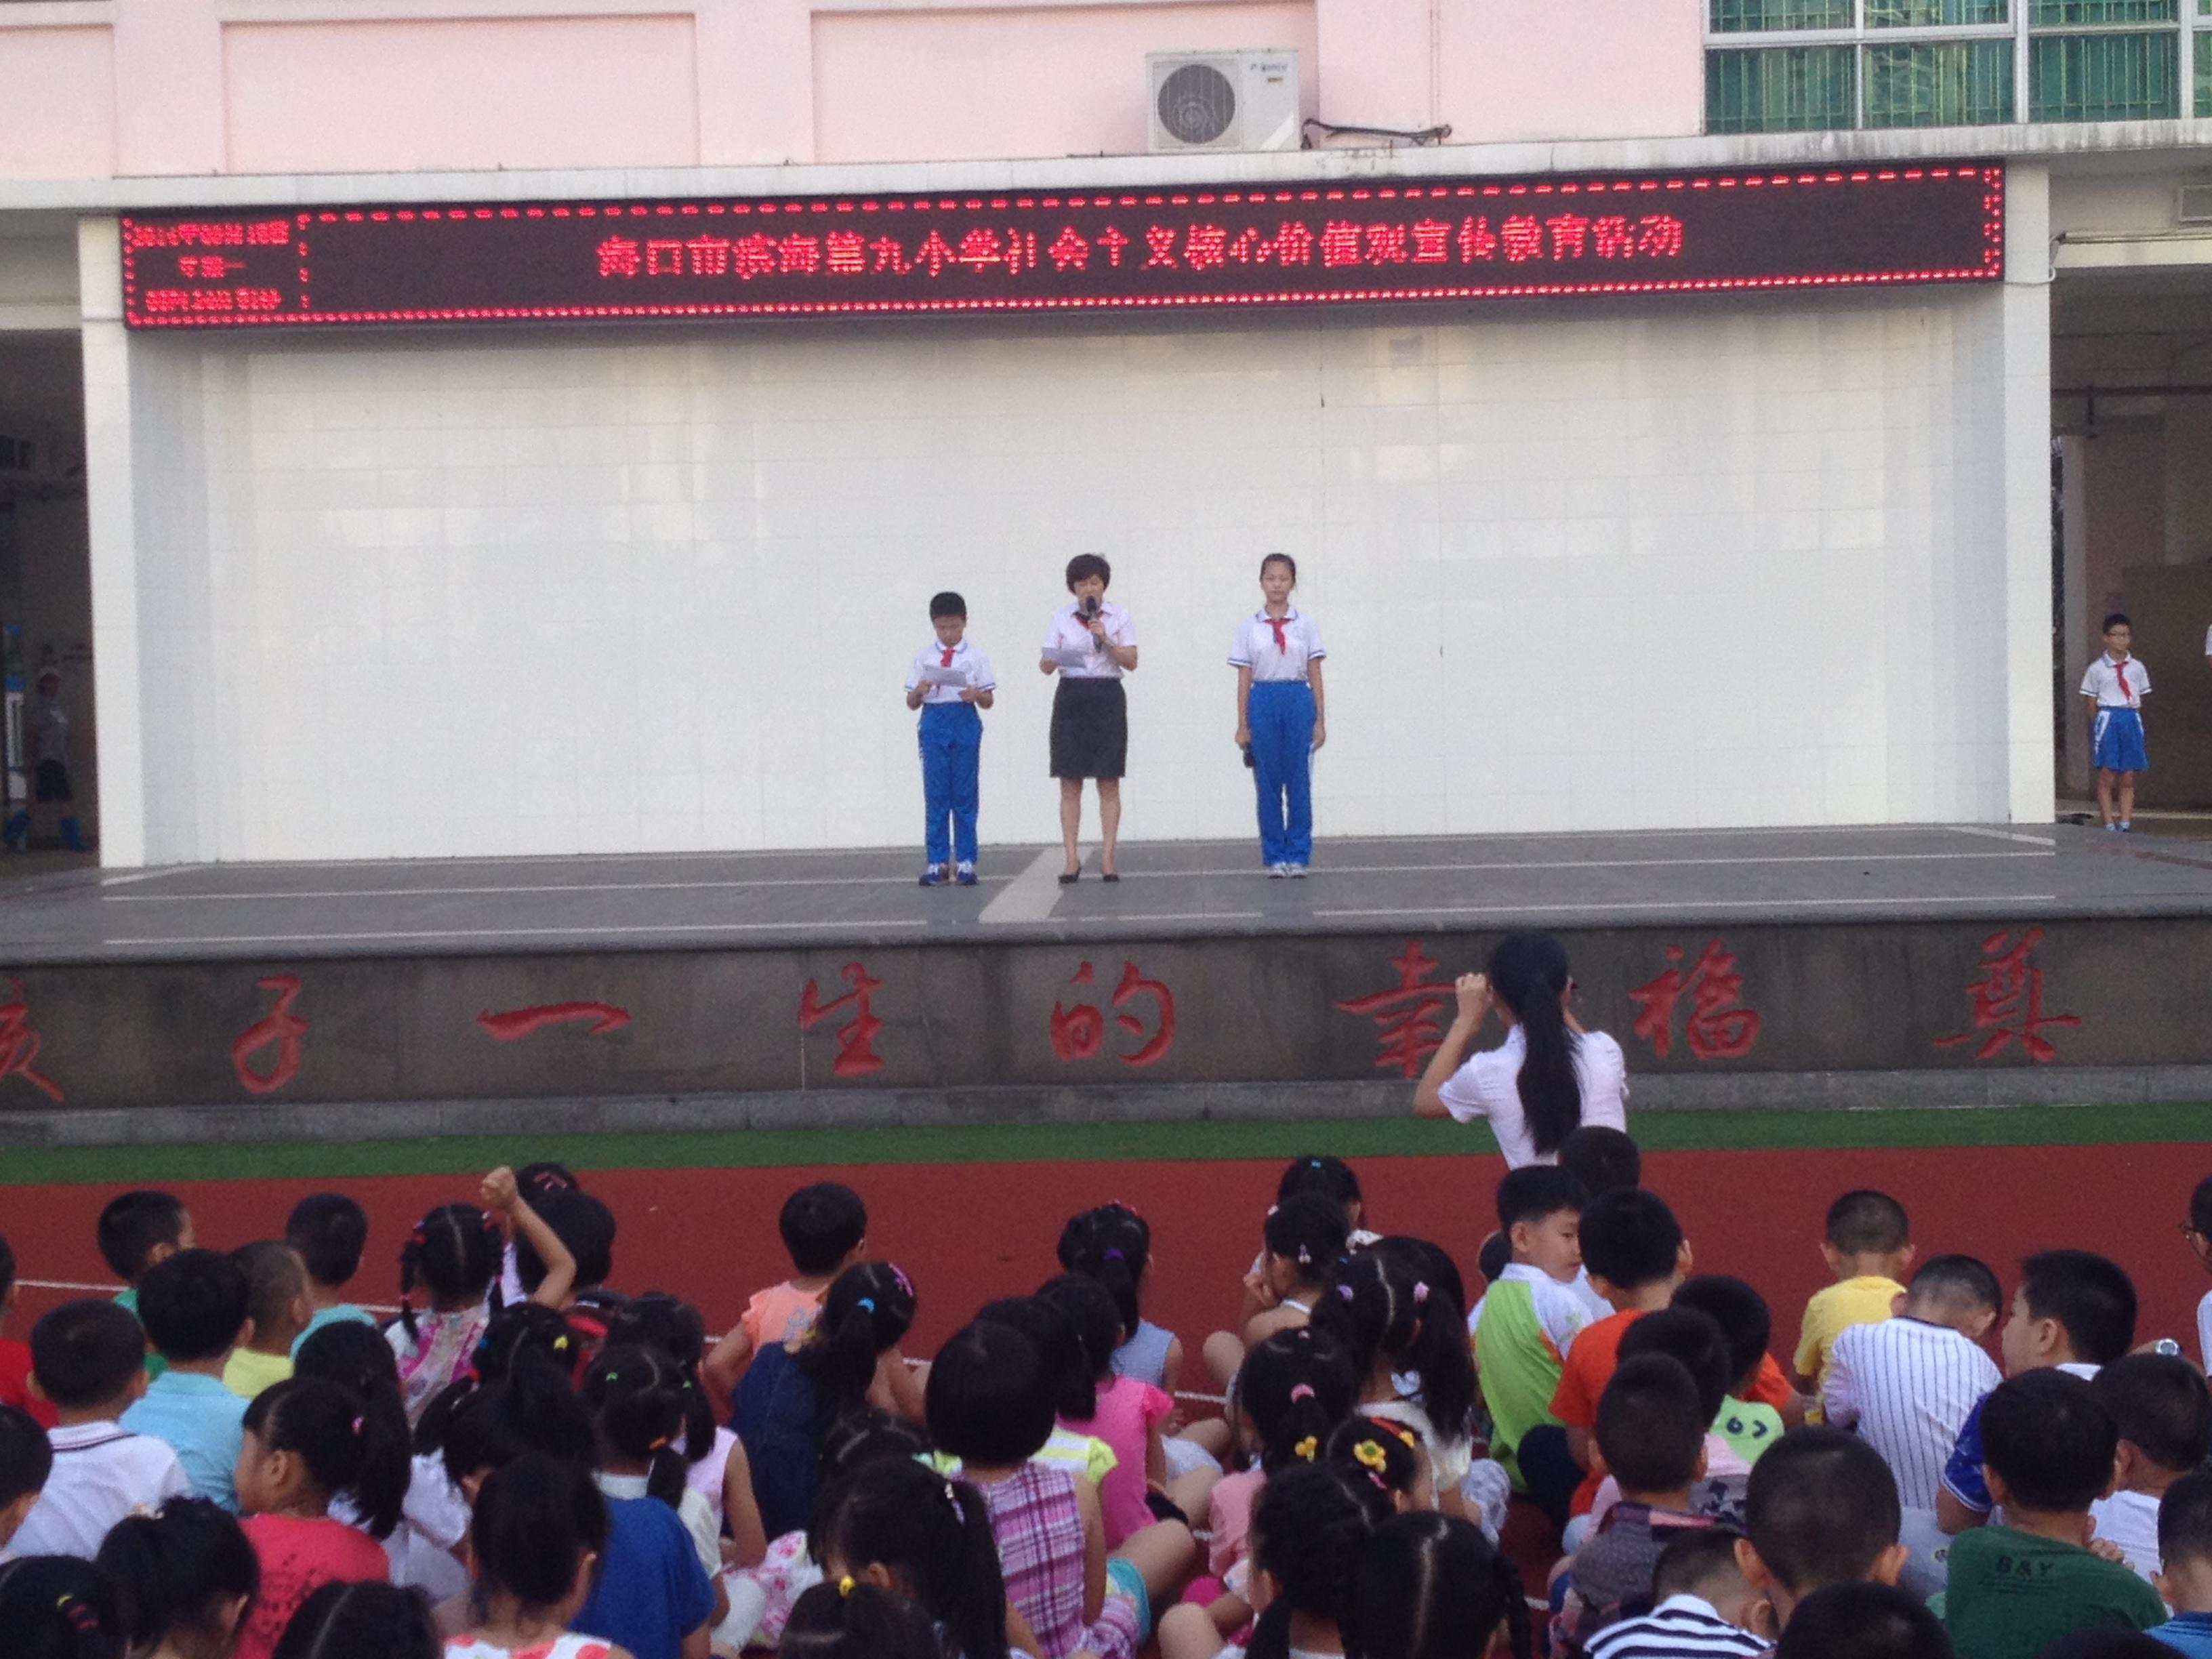 海口市滨海第九小学开展社会主义核心价值观宣传教育